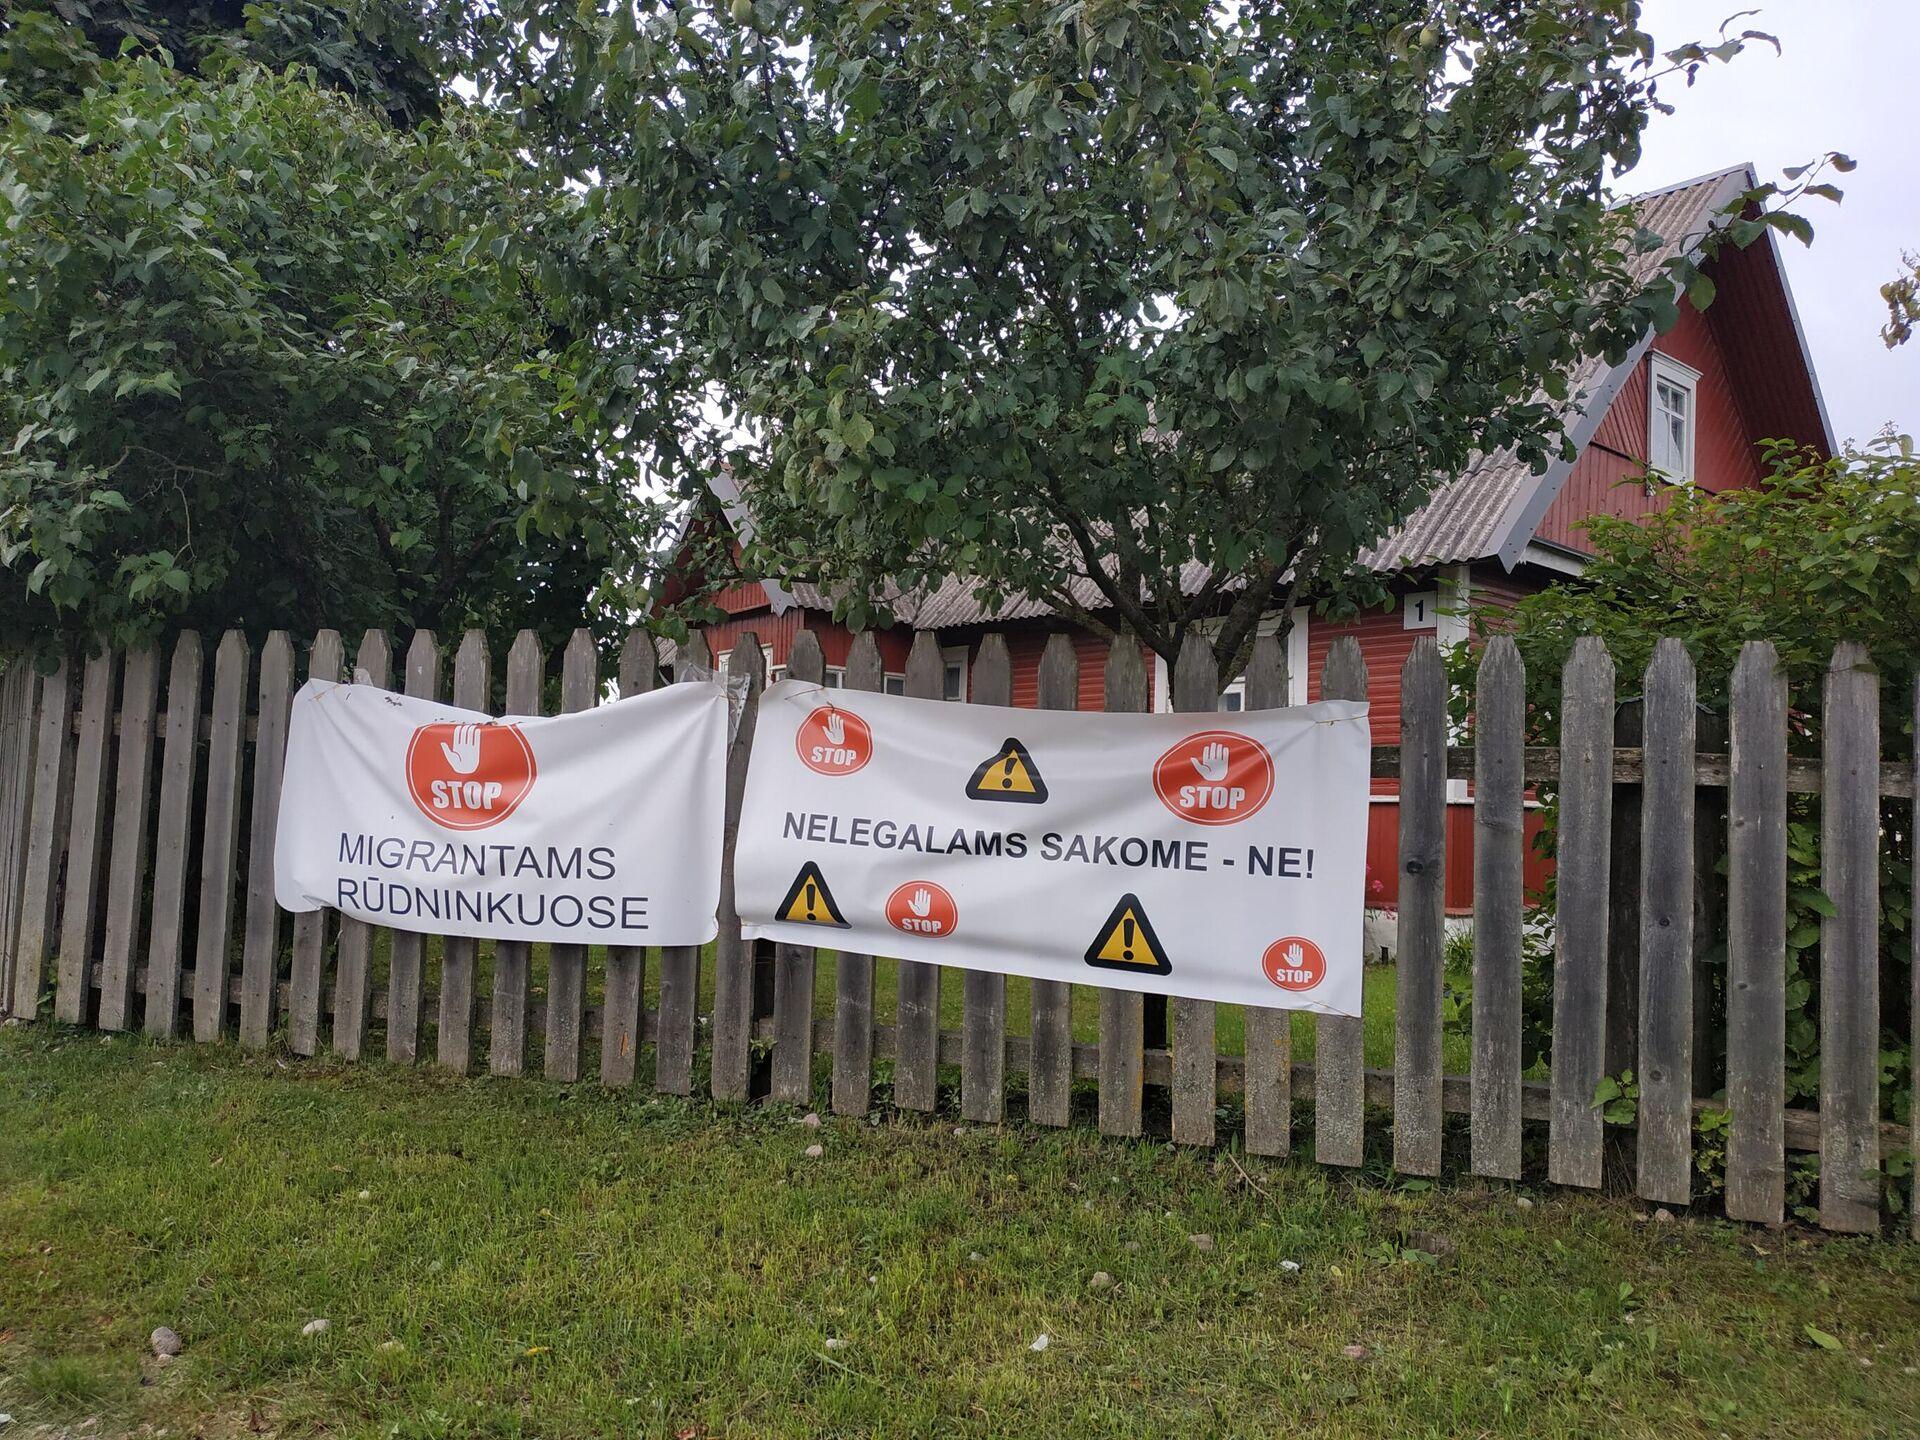 Плакаты на заборе в деревне Руднинкай в Шальчининкайском районе Литвы - Sputnik Латвия, 1920, 30.08.2021